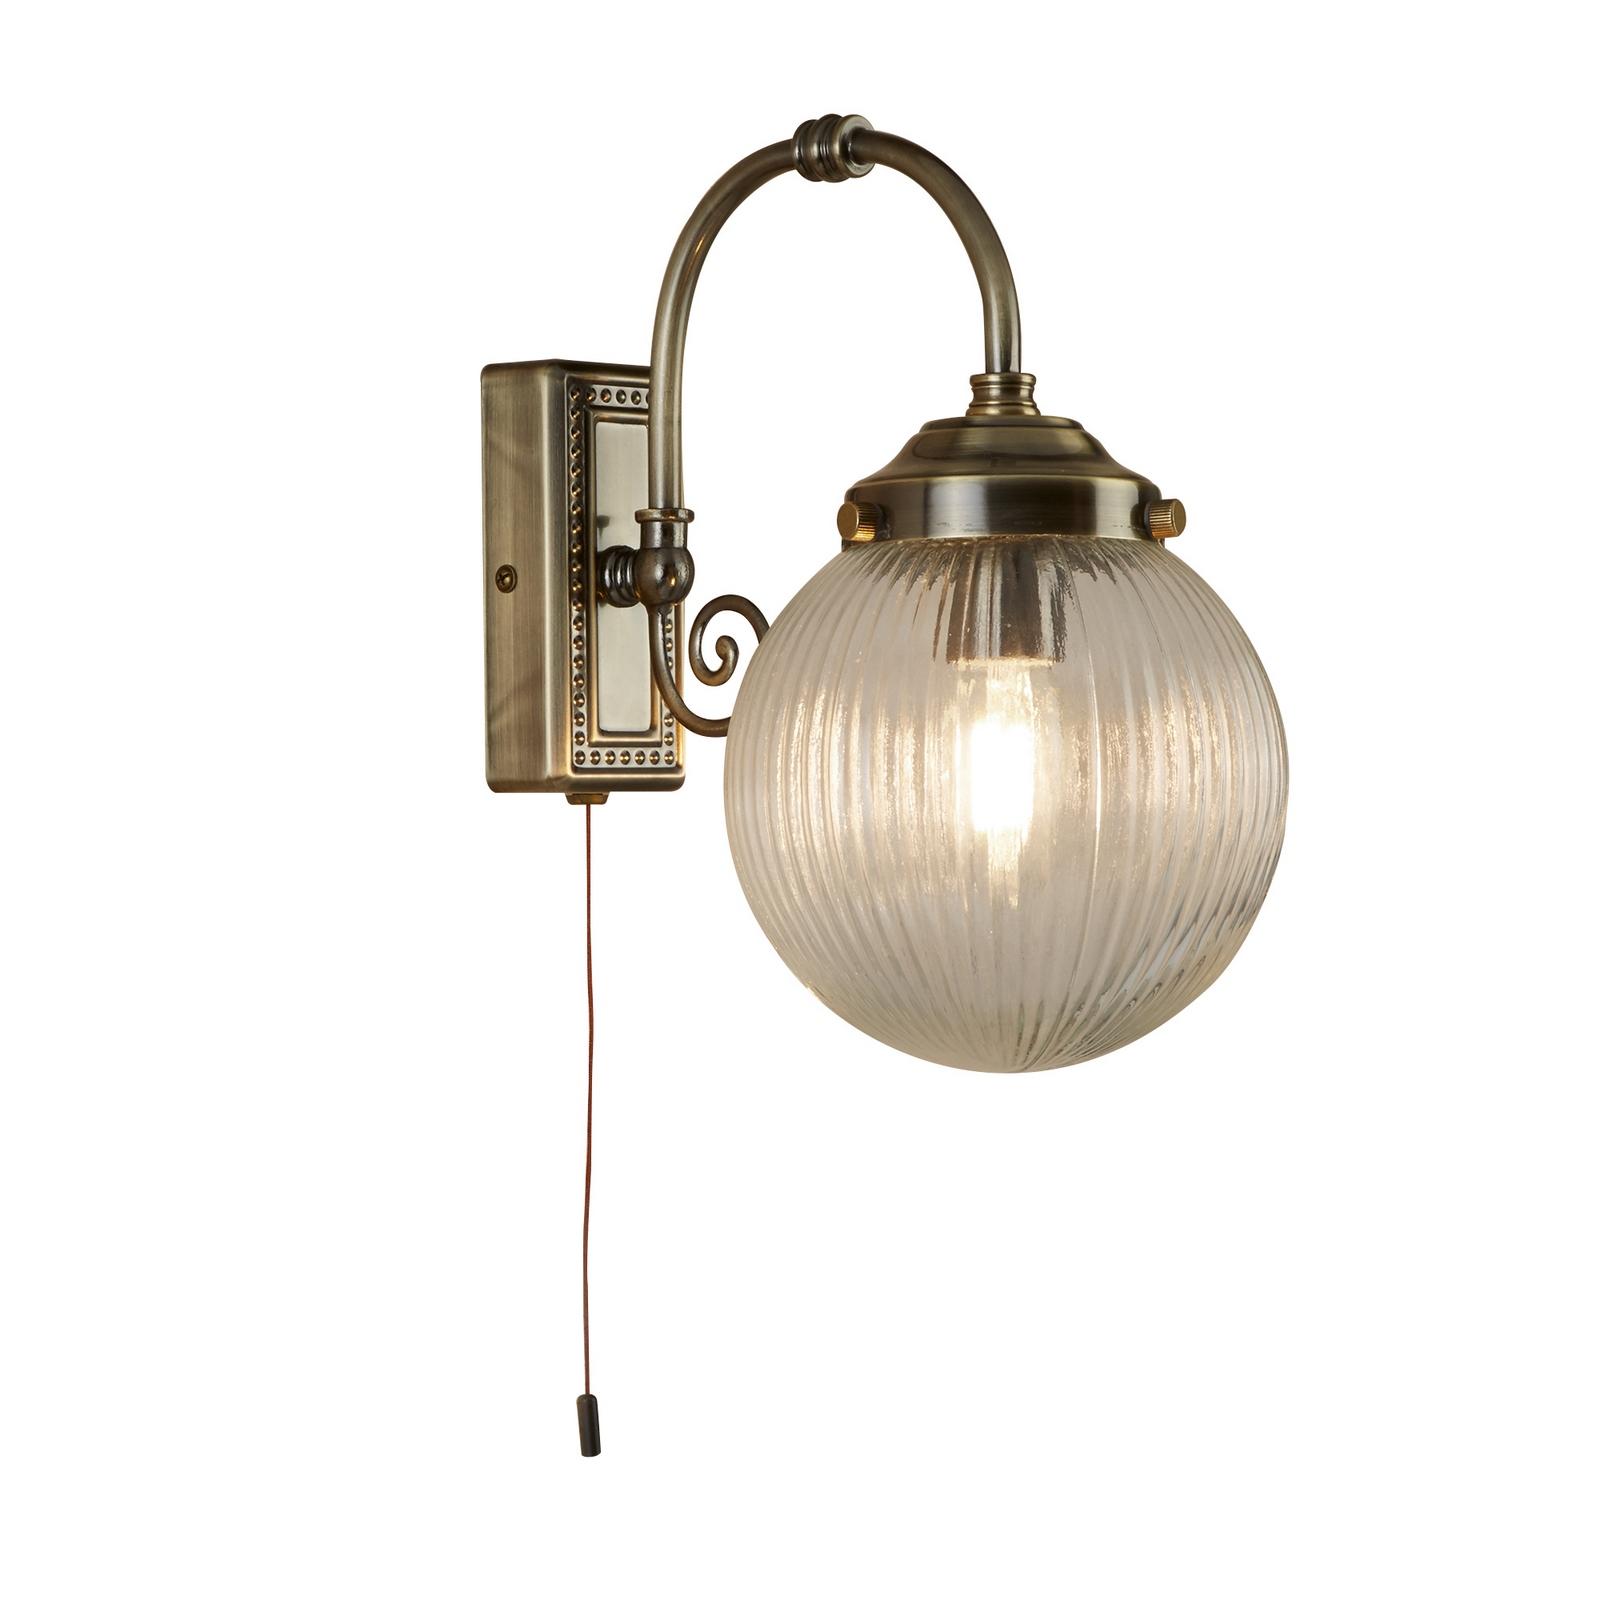 Brass Smoked Glass Wall Lights Uk